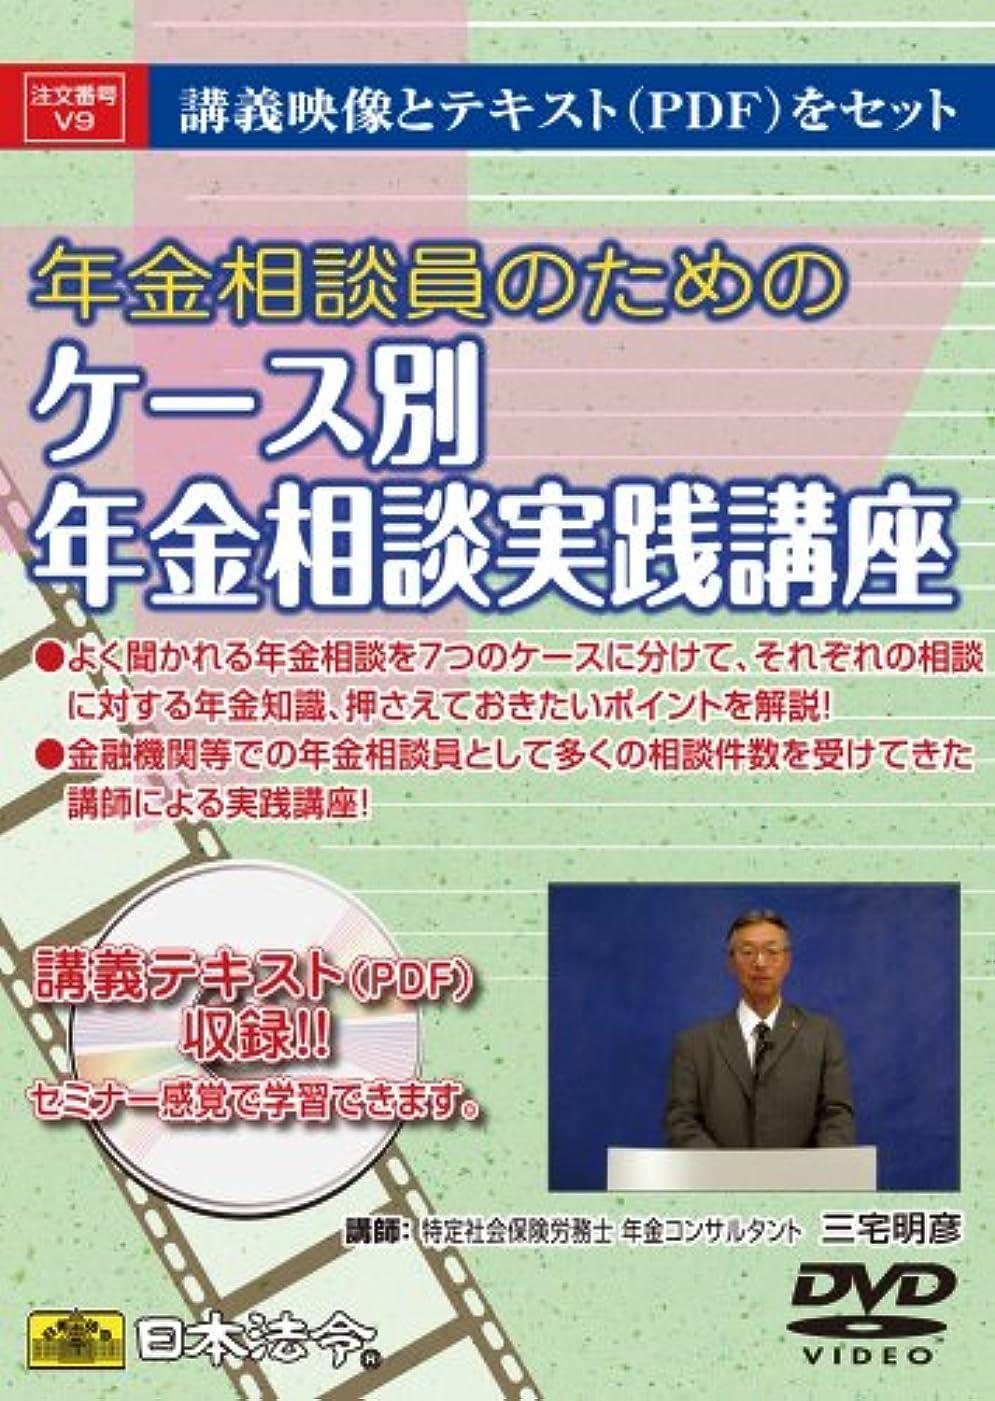 アルファベット偶然仕事に行く日本法令 V9 年金相談員のためのケース別年金相談実践講